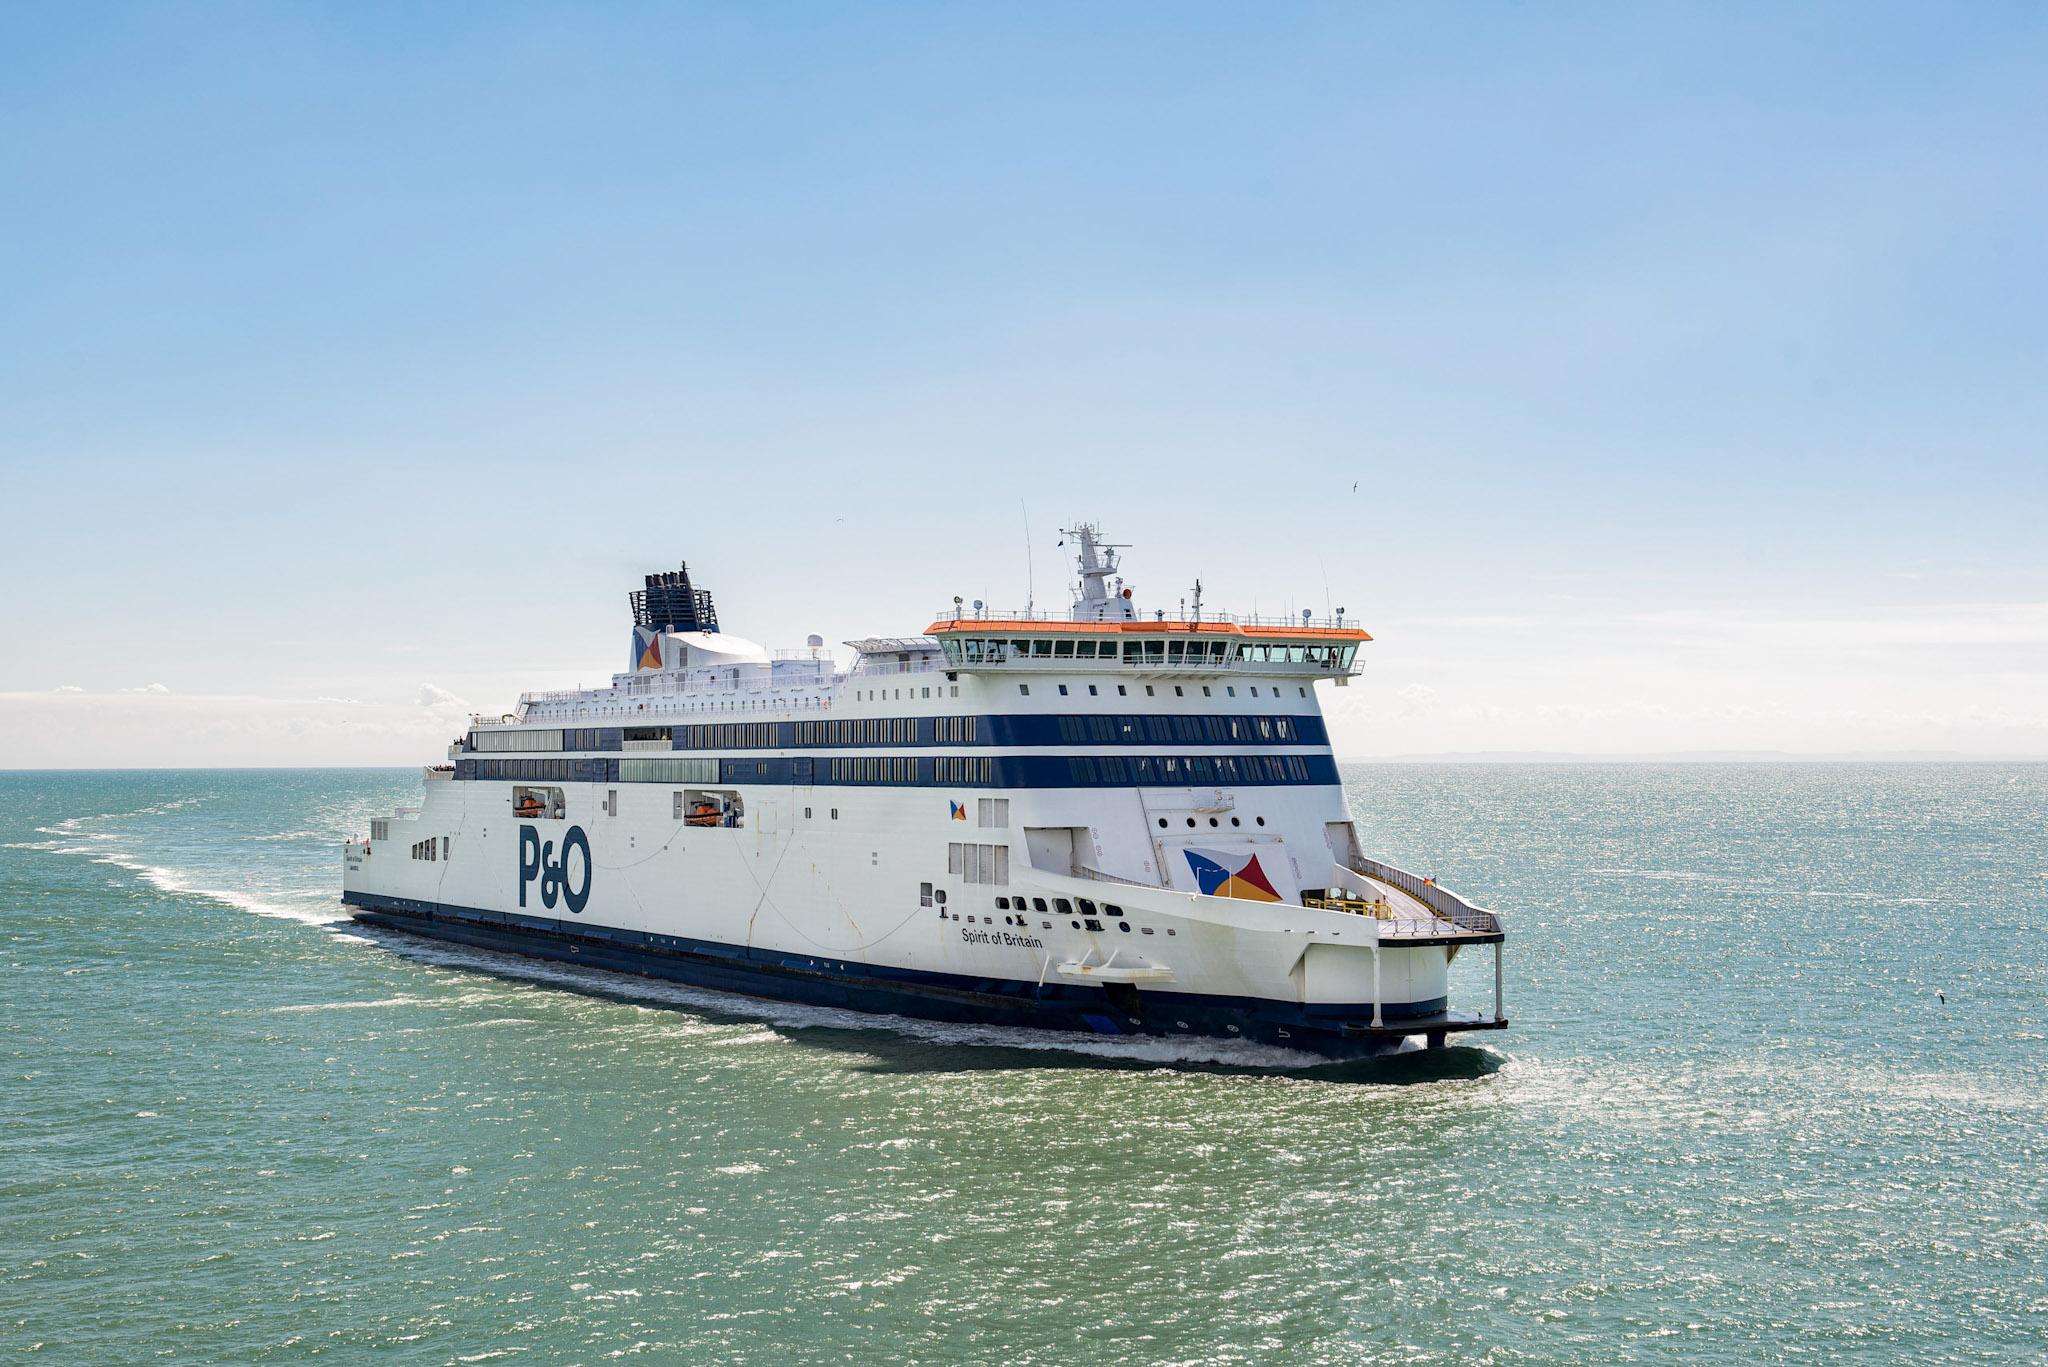 Operatorzy promowi zawierają sojusz na Kanale La Manche. Zobacz, co będą mieli z tego przewoźnicy drogowi